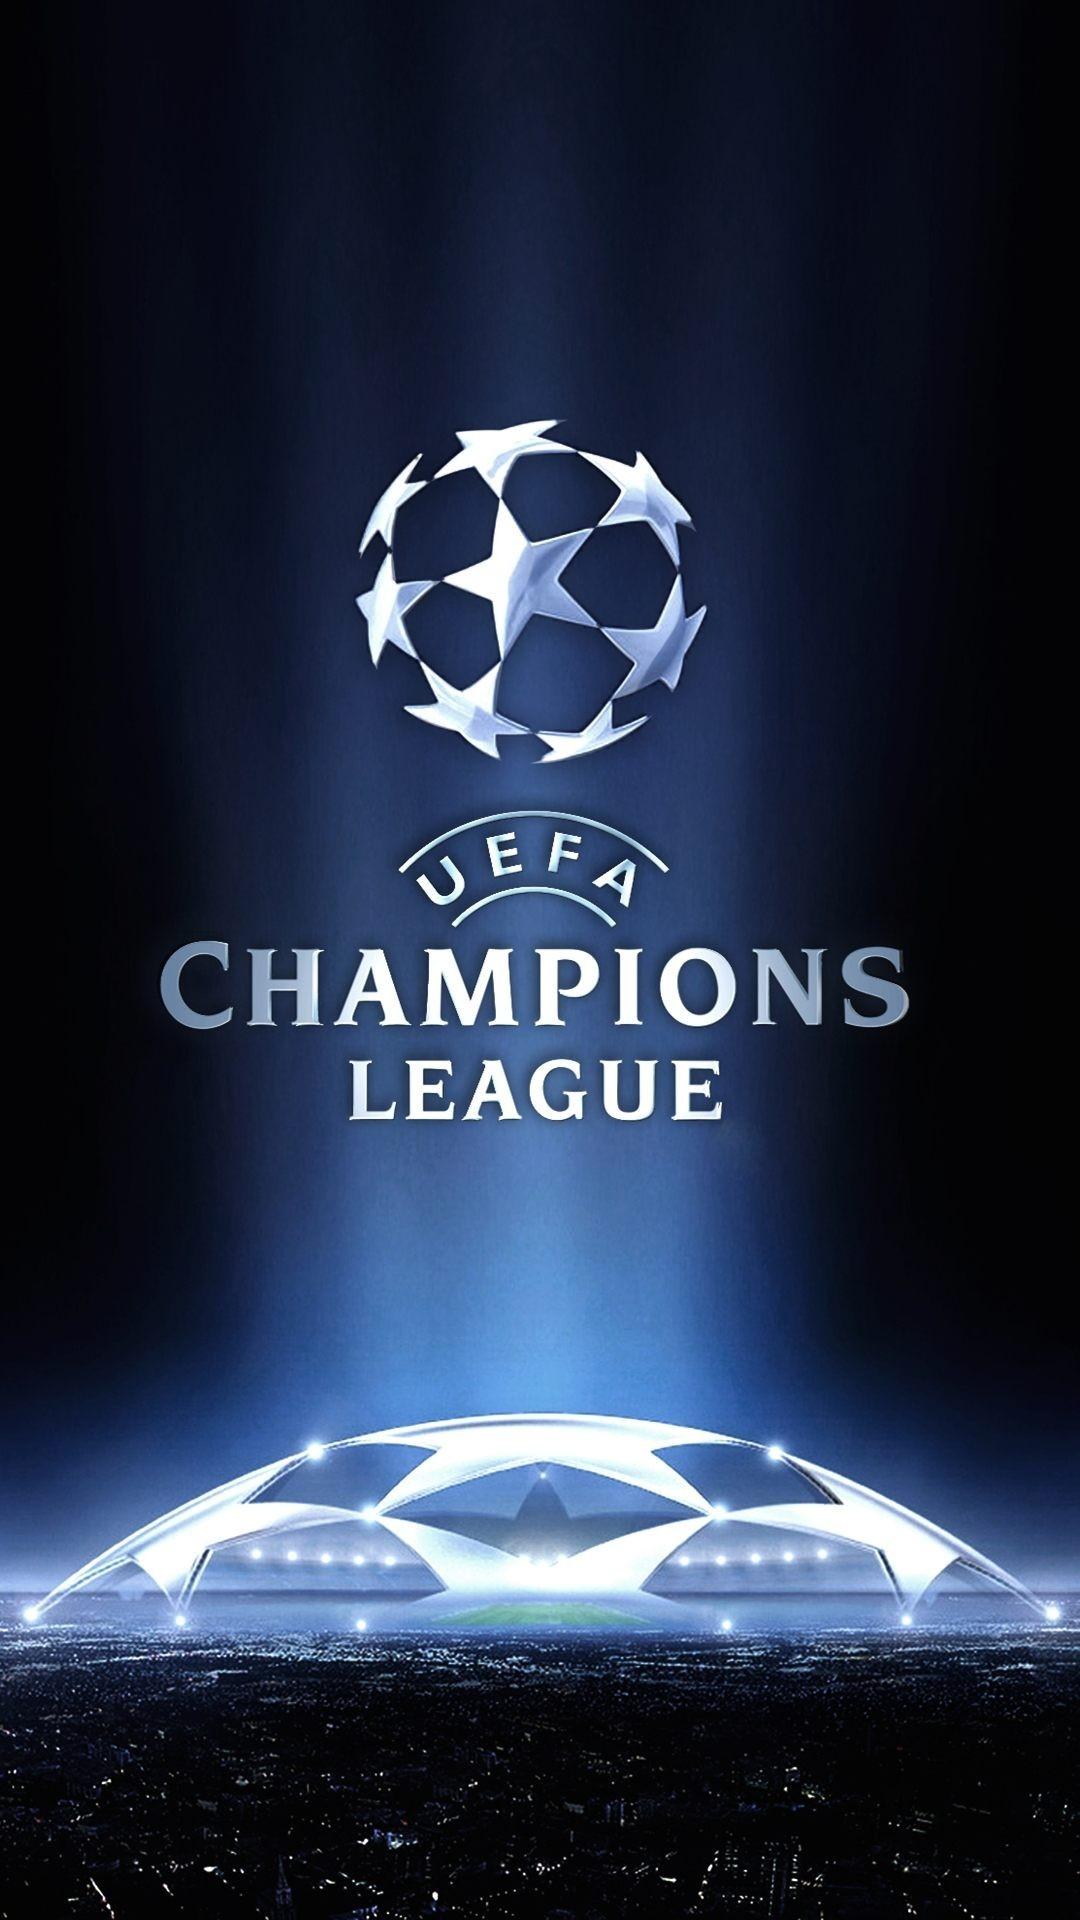 сторону поселка лига чемпионов обои на телефон вертикальные кадрирования иллюстрации